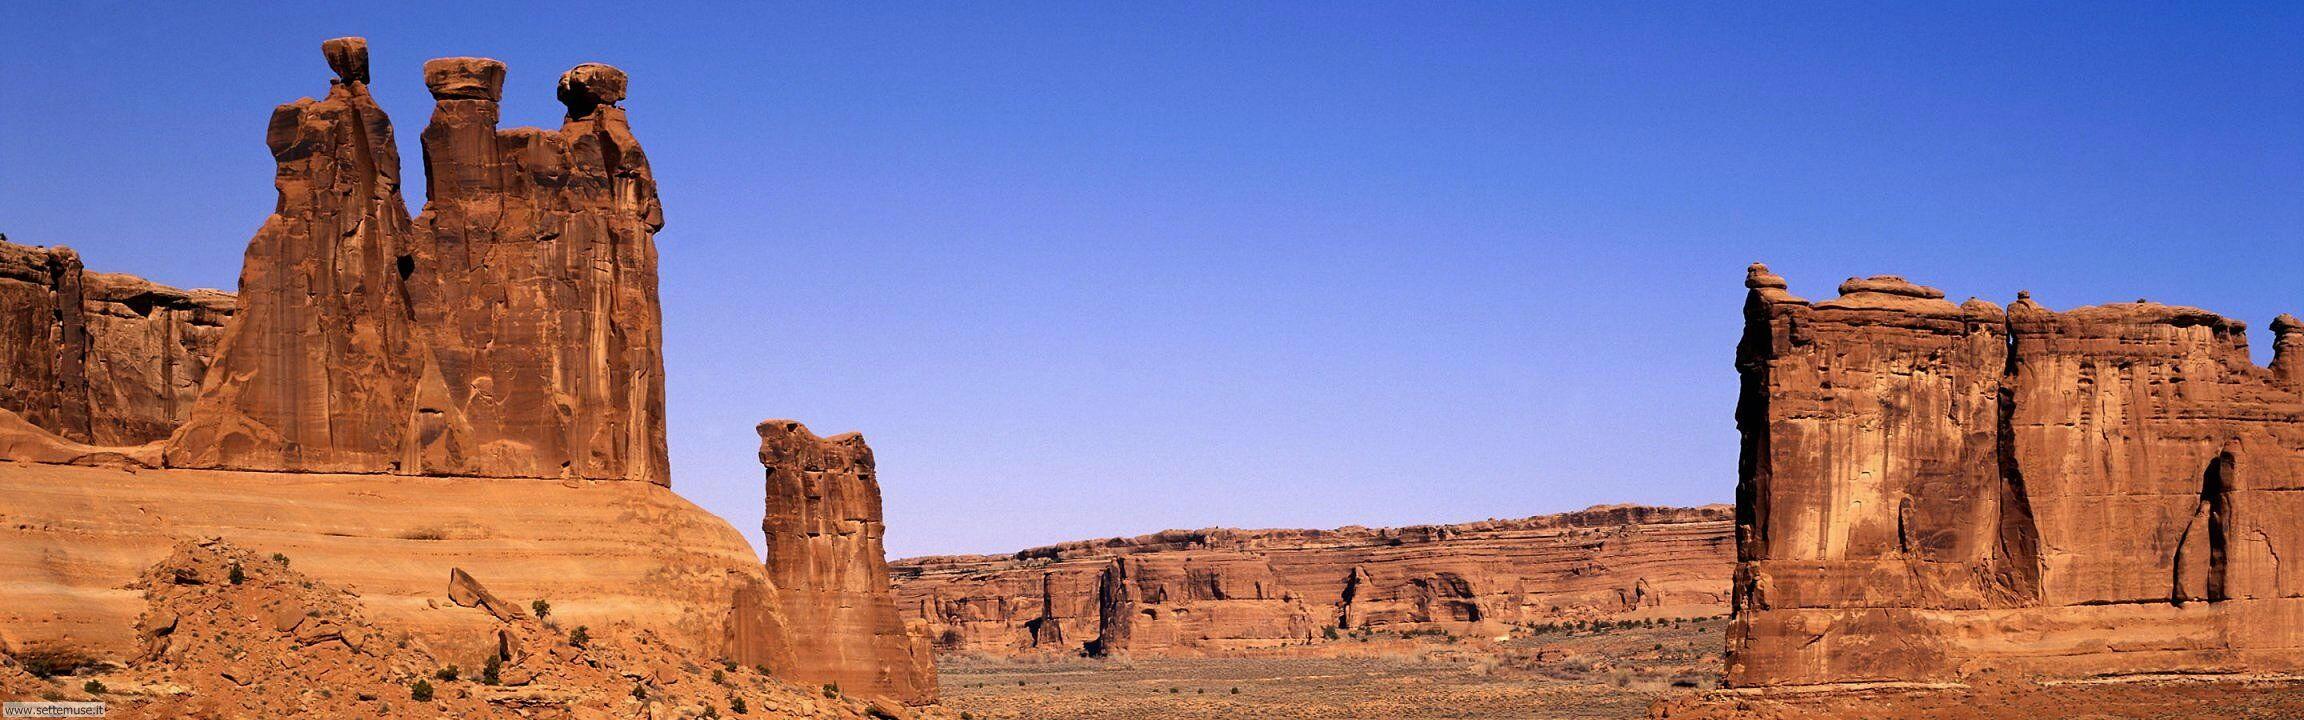 Foto panorami wide 055